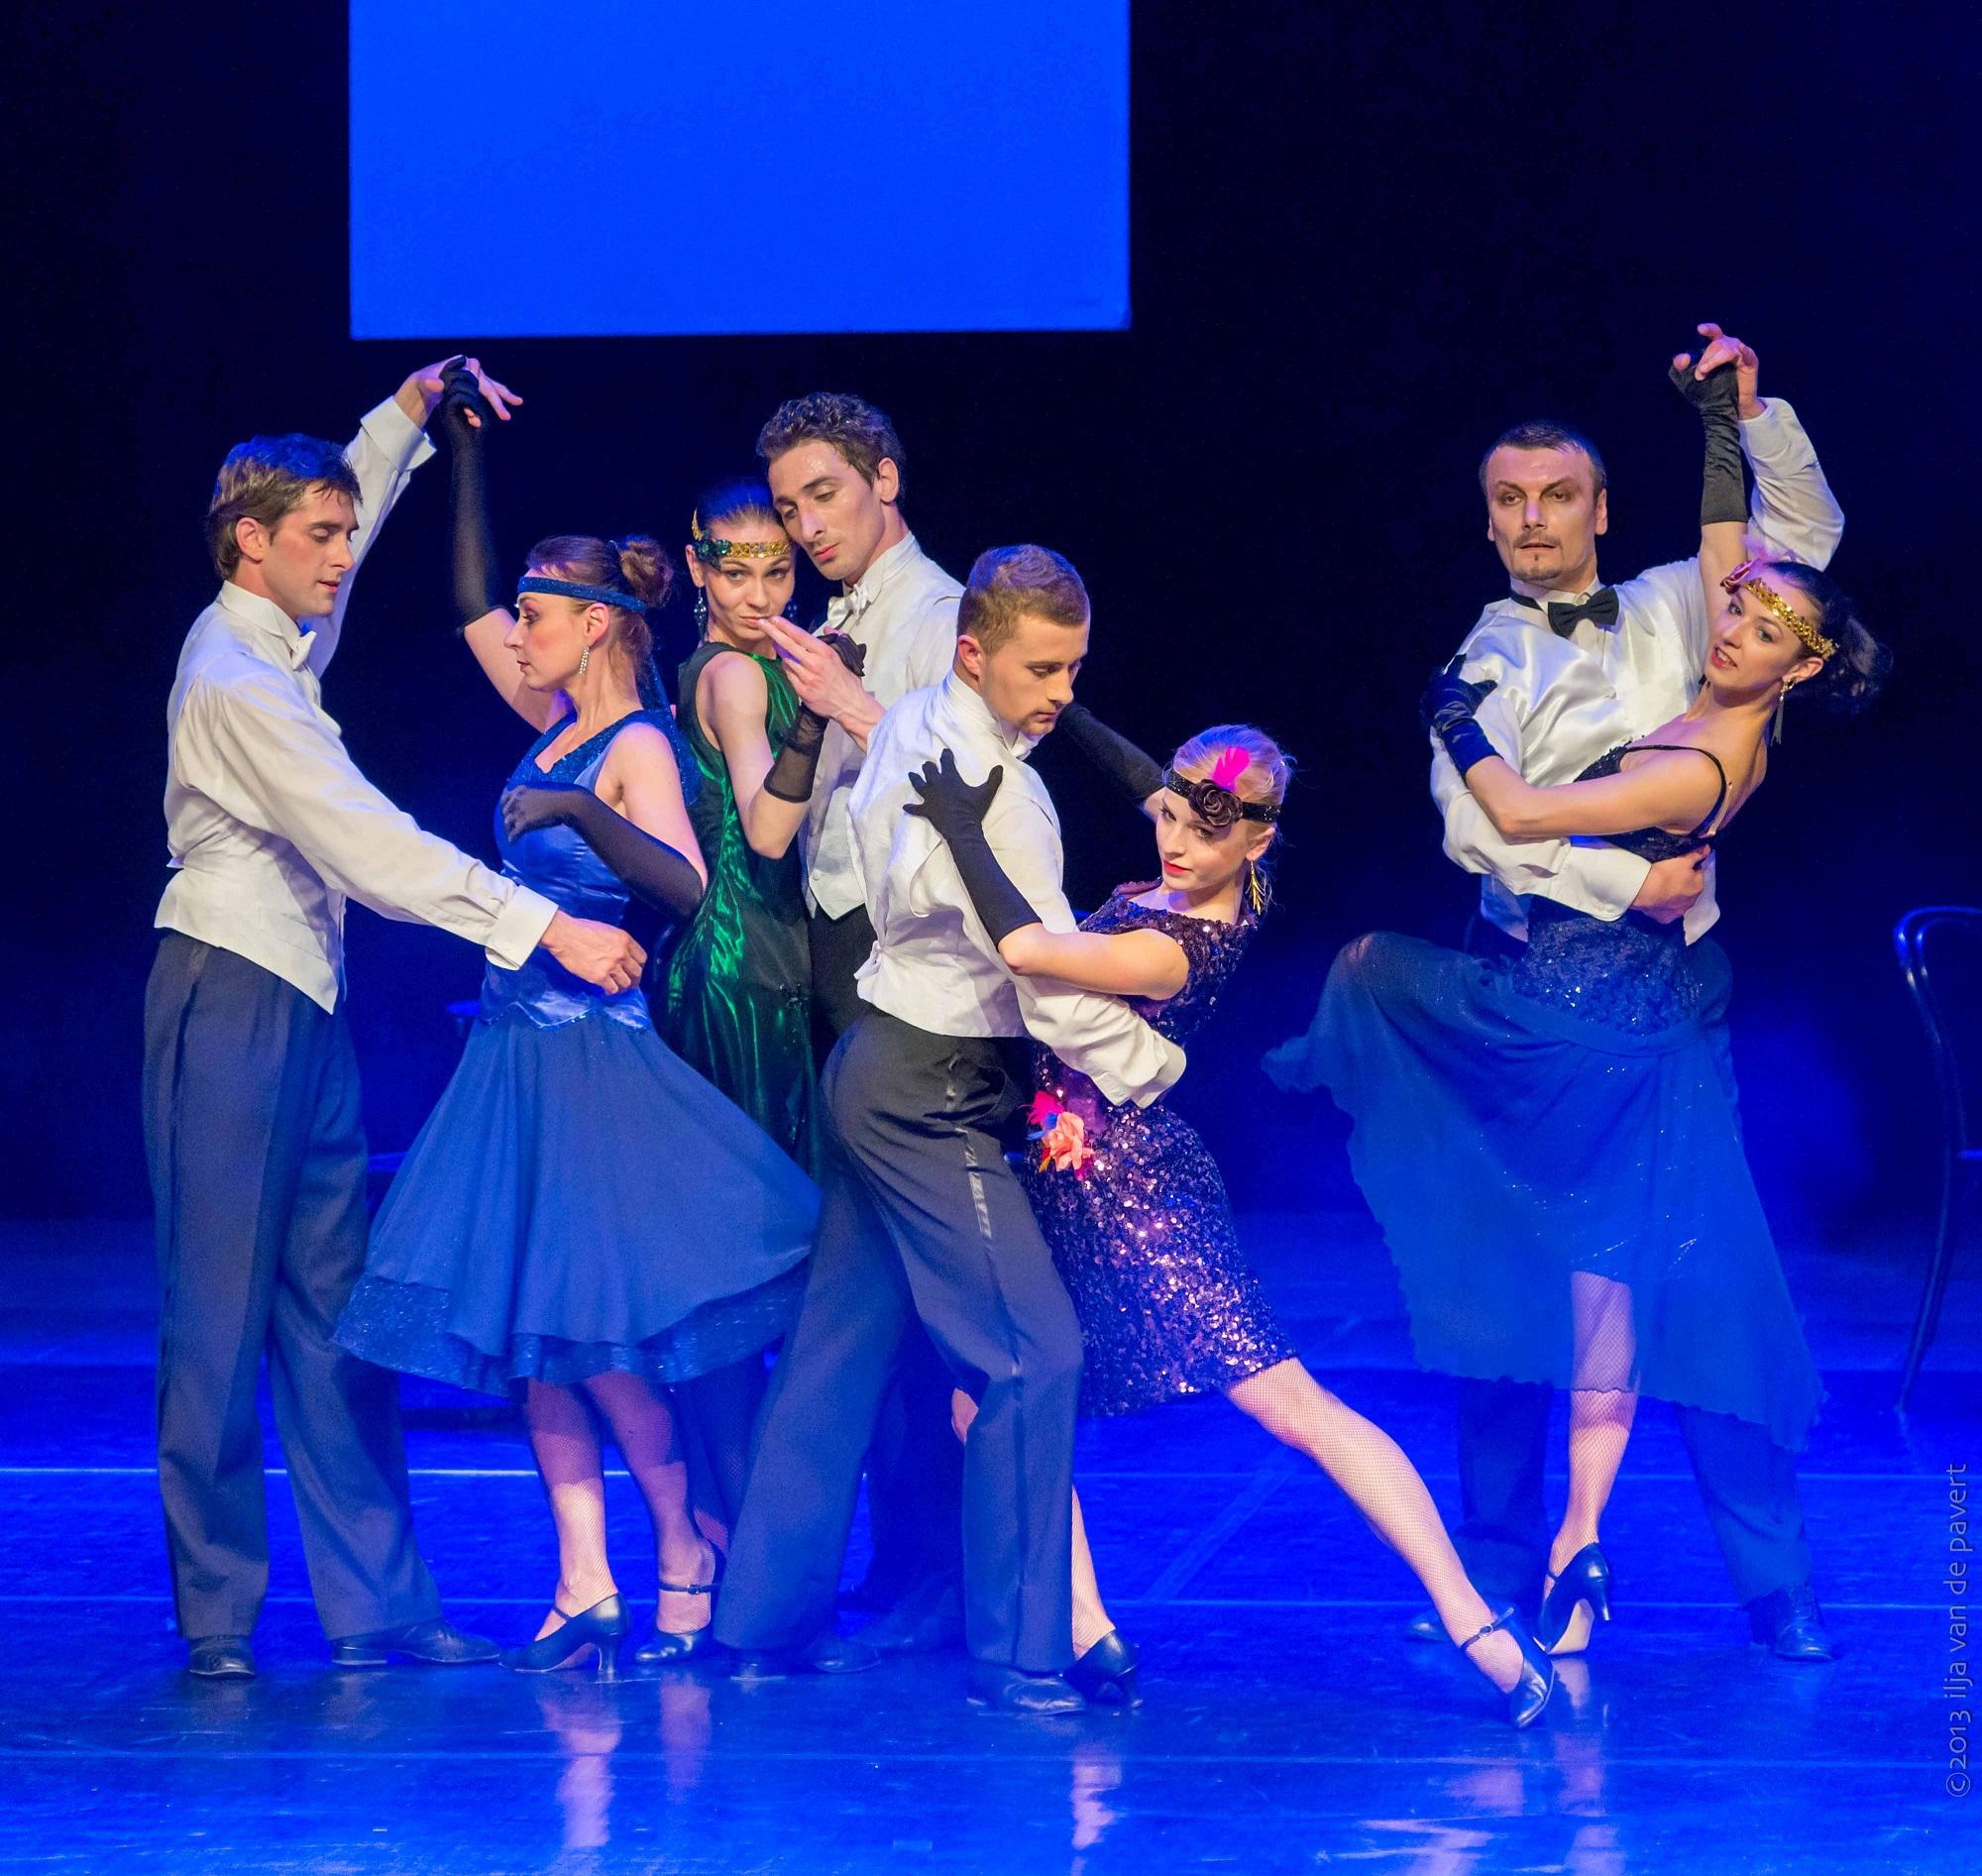 na zdjęciu artyści z baletu Cracovia Danza wykonują taniec z dwudziestolecia międzywojennego